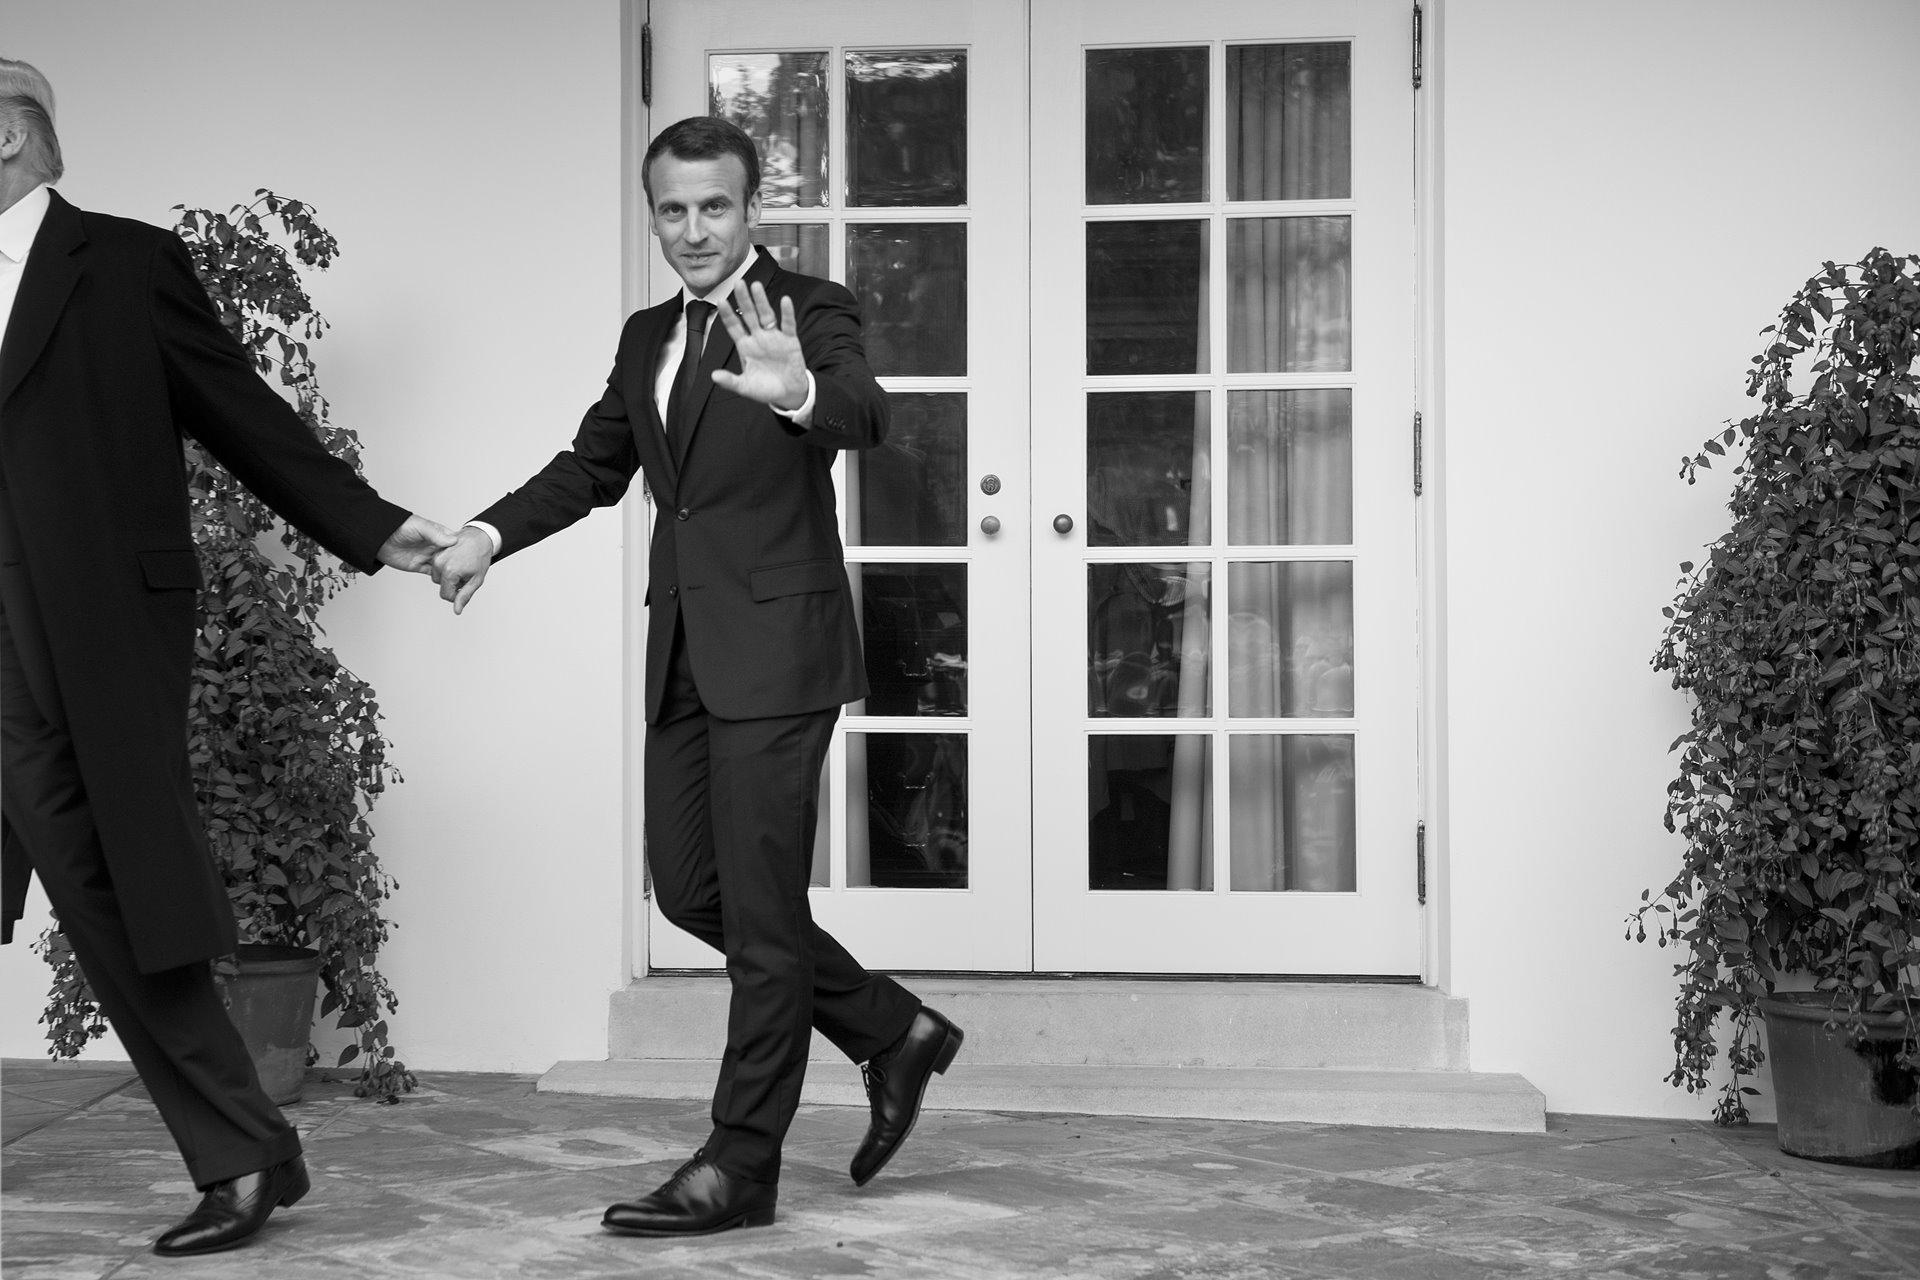 El presidente de Estados Unidos, Donald Trump, dirige de la mano al presidente de Francia, Emmanuel Macron, mientras caminaba hacia la Oficina Oval de la Casa Blanca, en Washington DC, el 24 de abril de 2018. La visita de 3 días de Macron a los Estados Unidos fue la primera visita oficial al estado de la administración Trump / Foto: Brendan Smialowsk